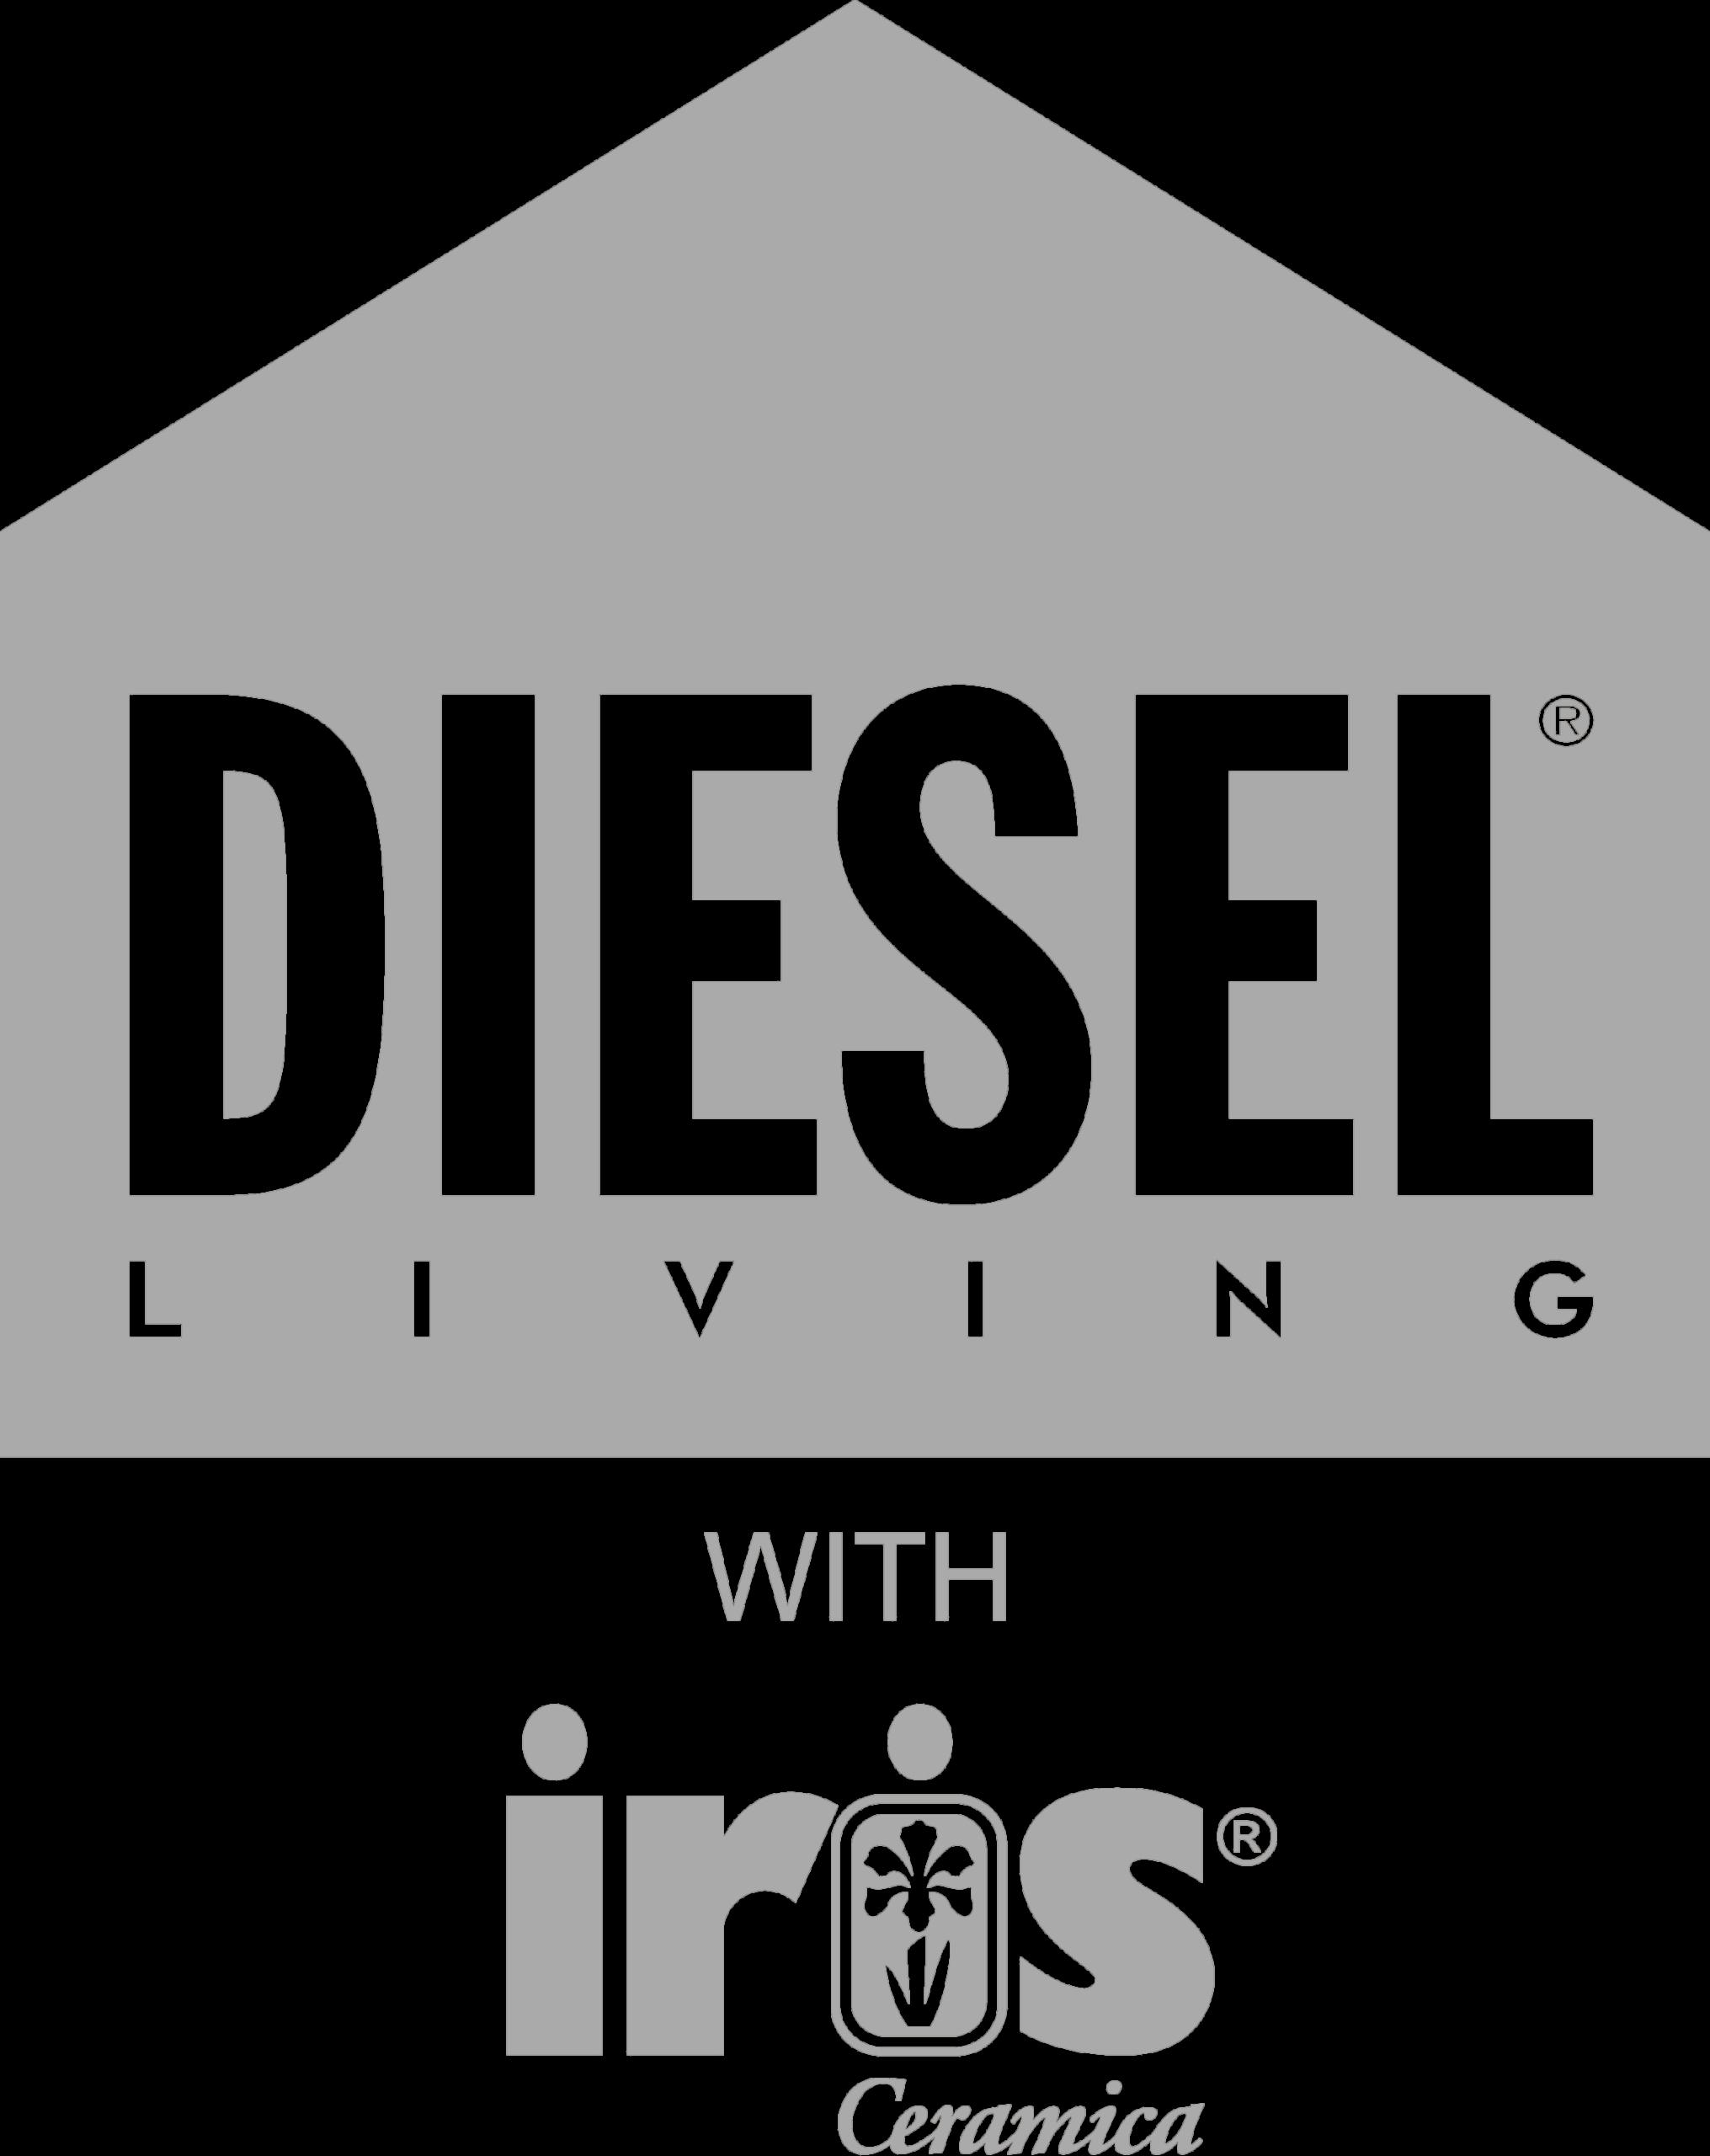 iris diesel